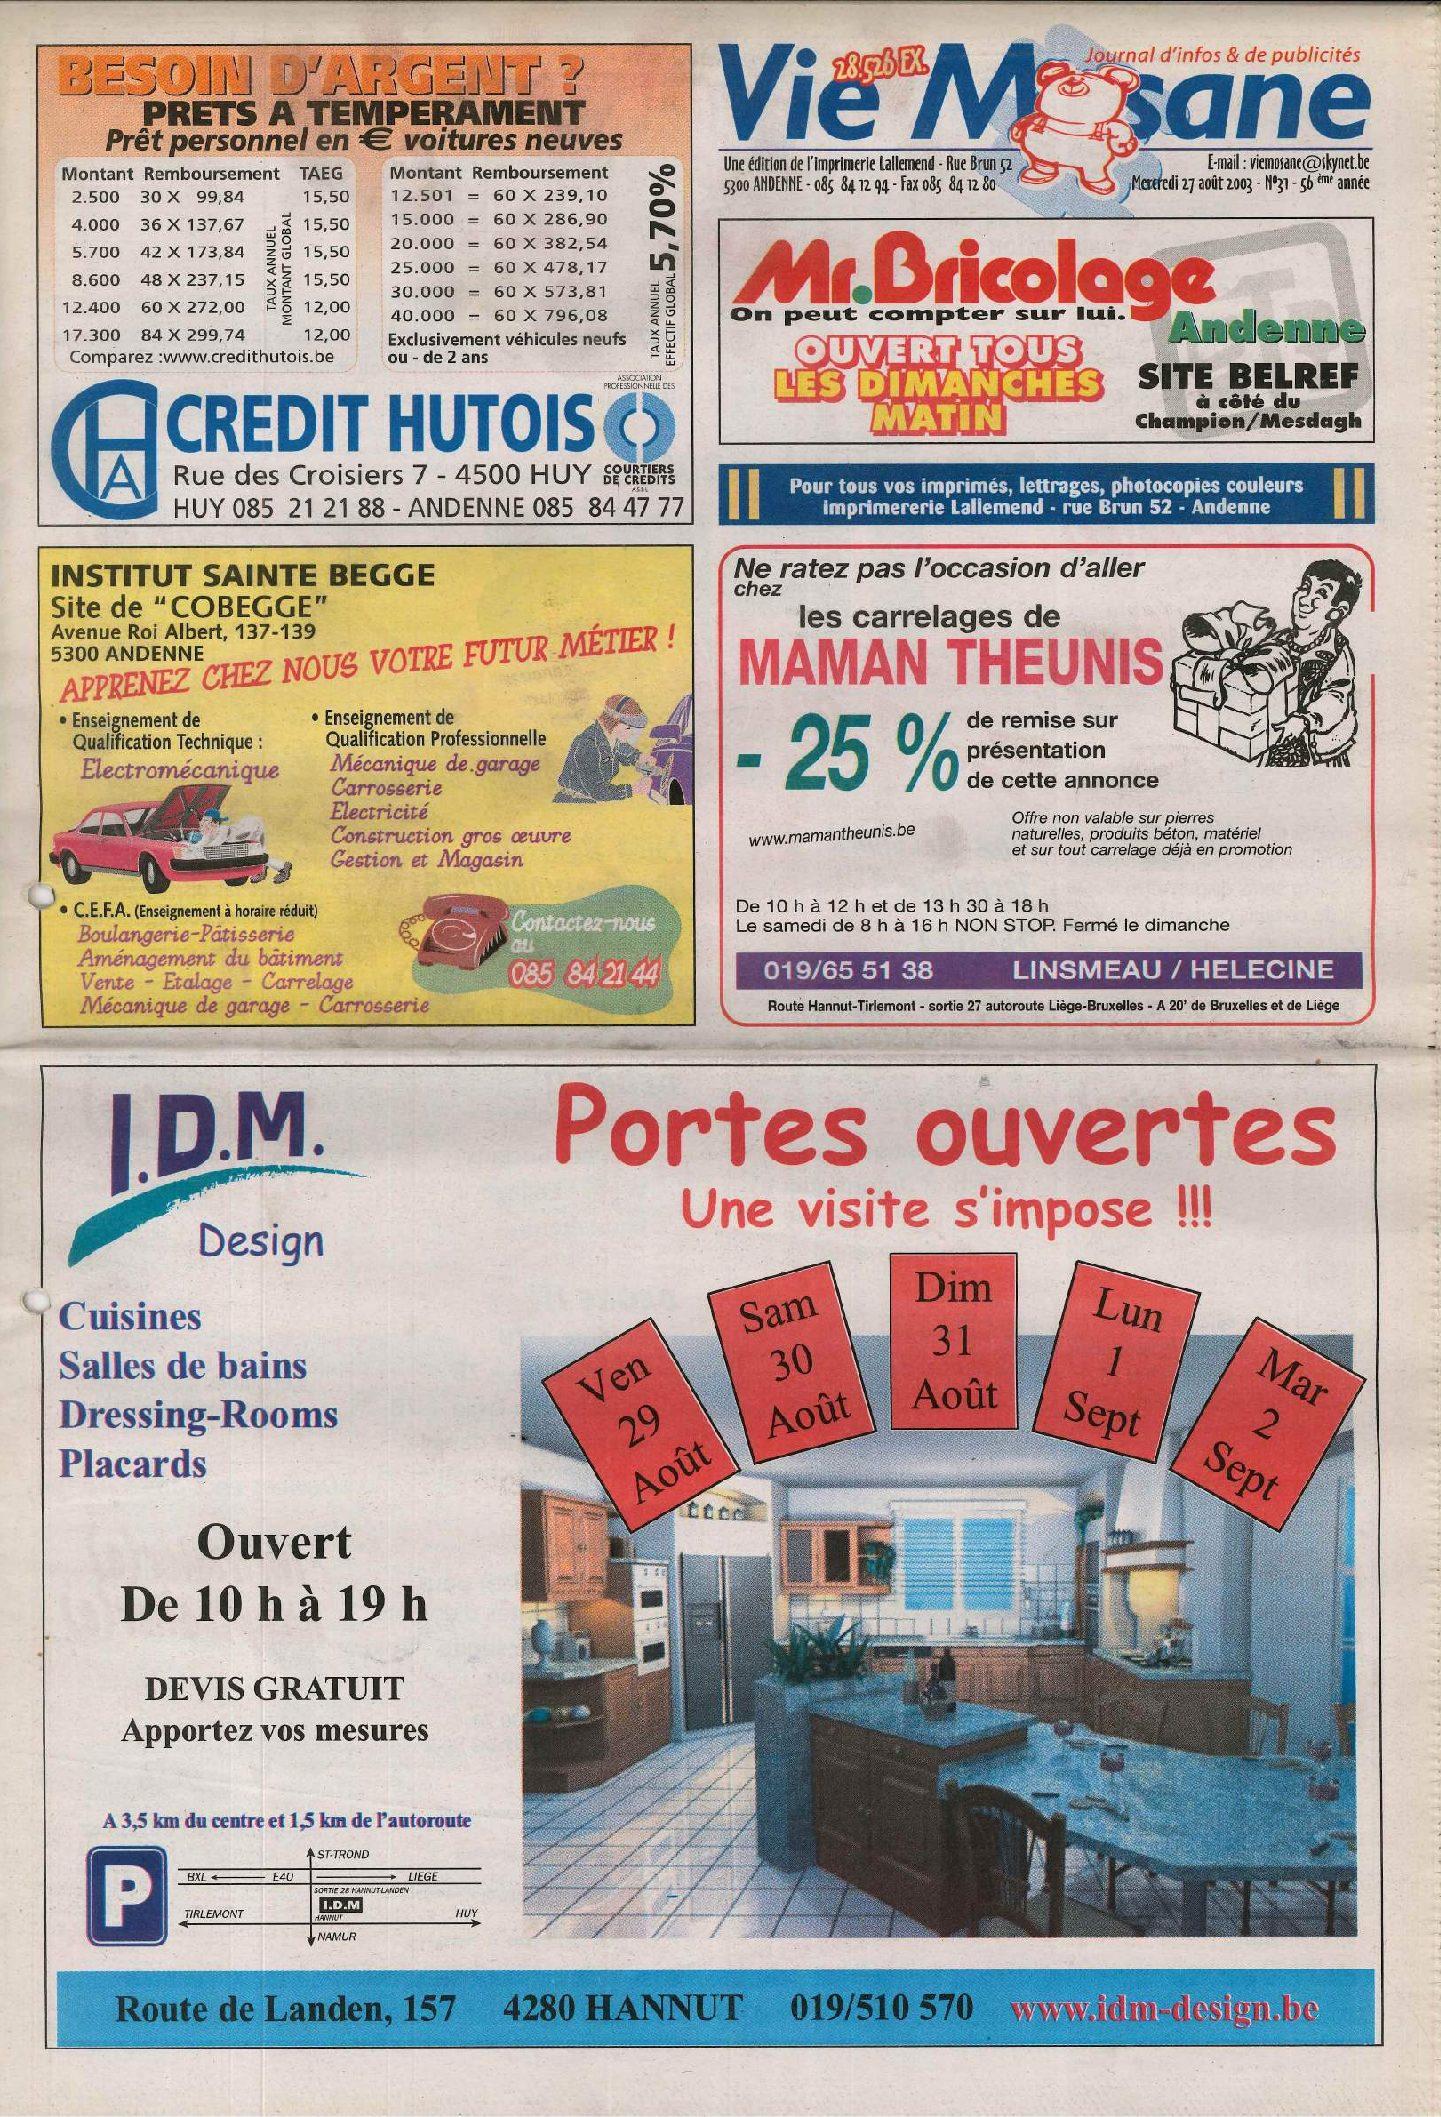 57e année - n°31 - 27 août 2003